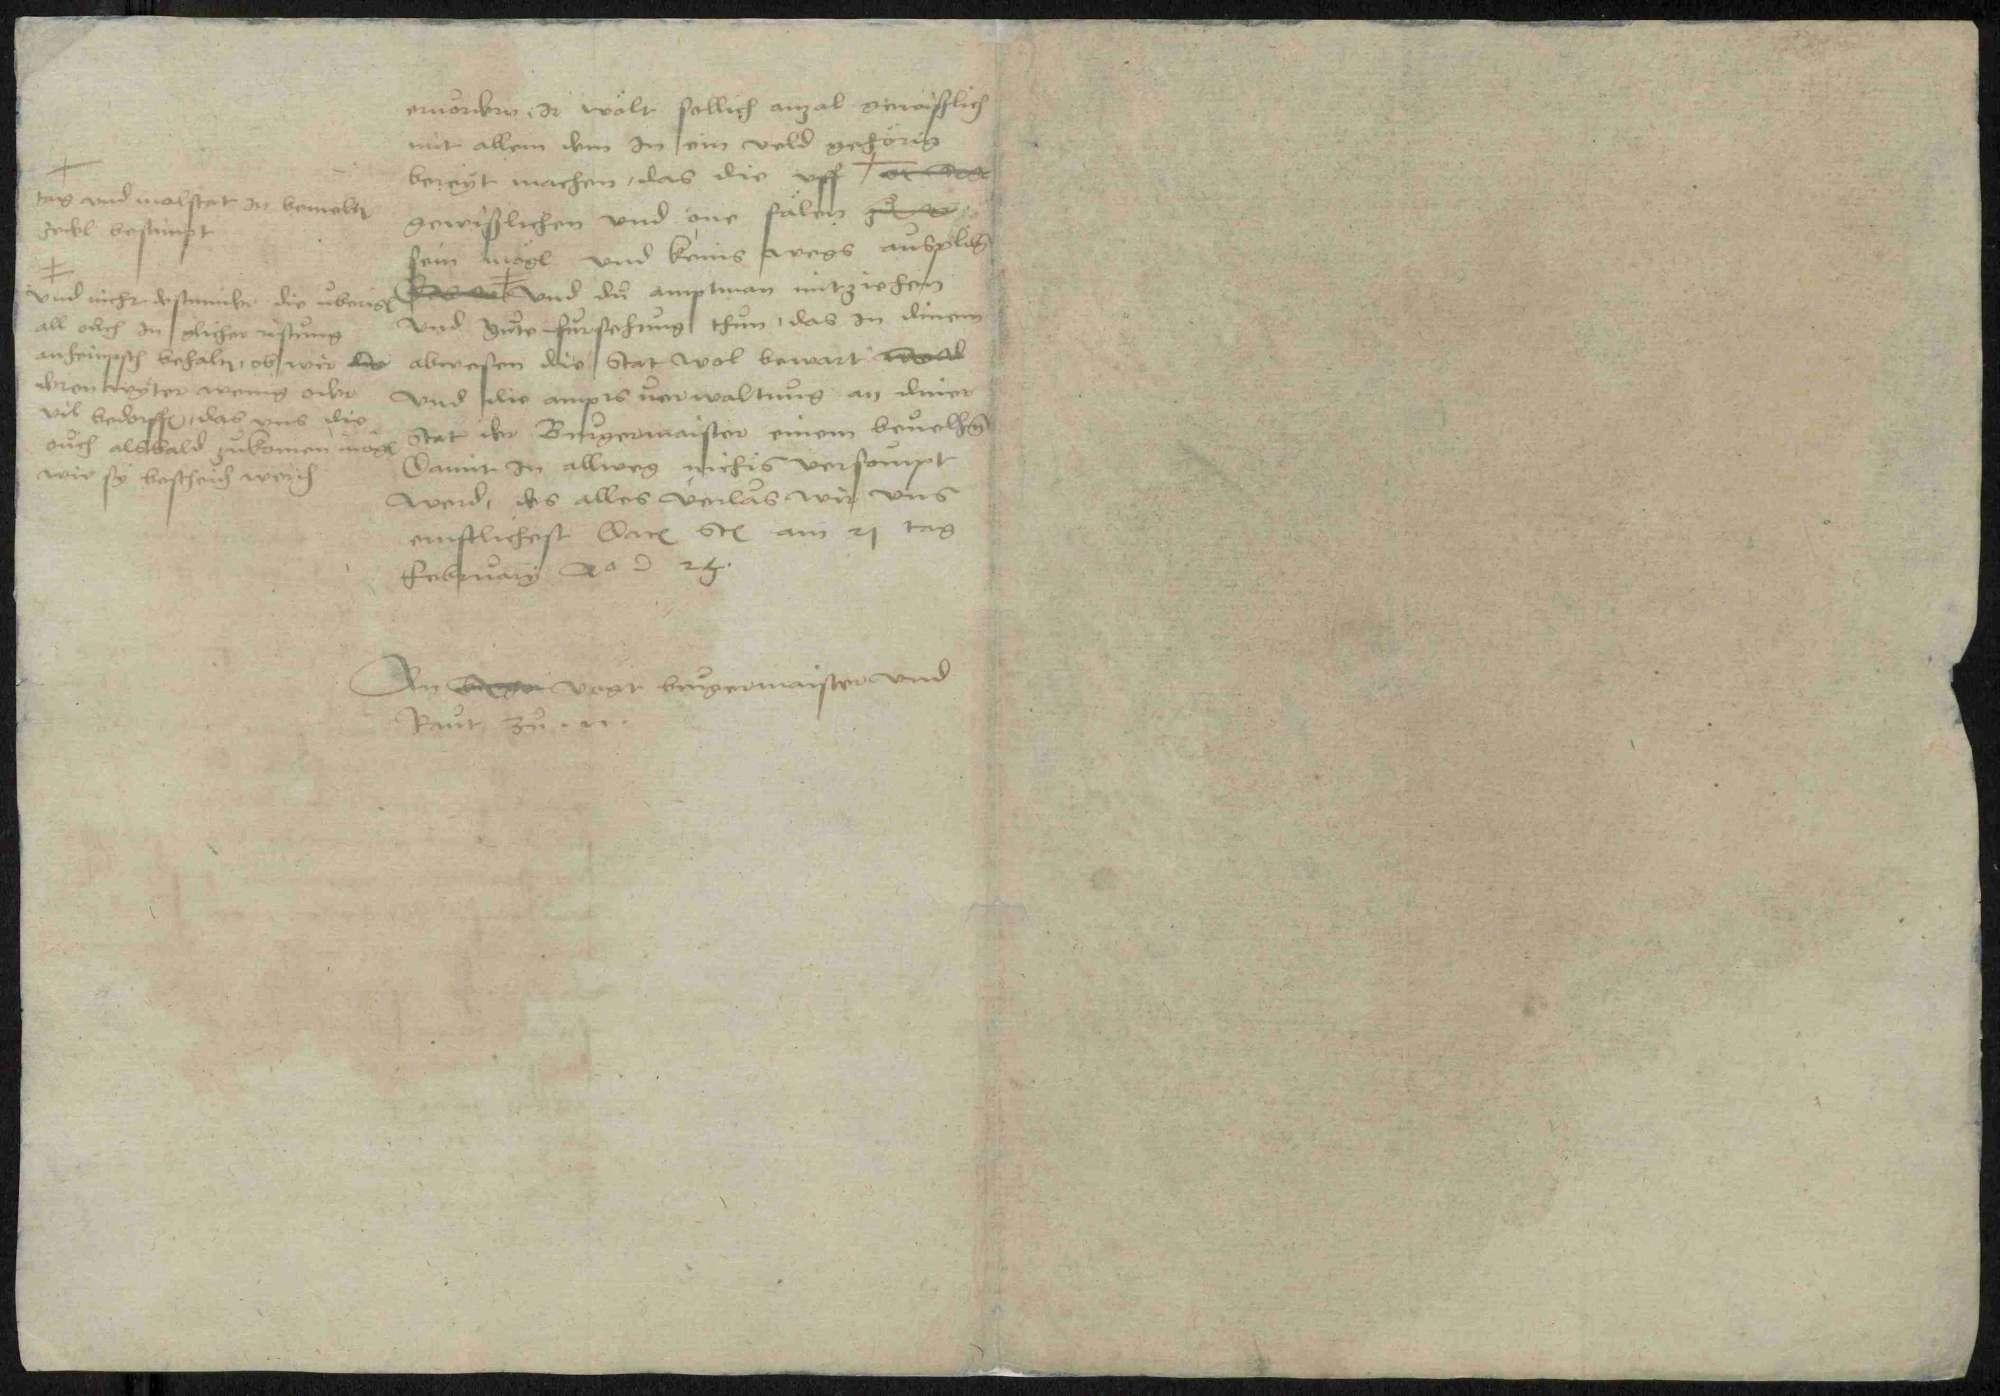 Schriften zu Vorgängen während des Bauernkrieges, u.a. Bauernkorrespondenz, Bild 3